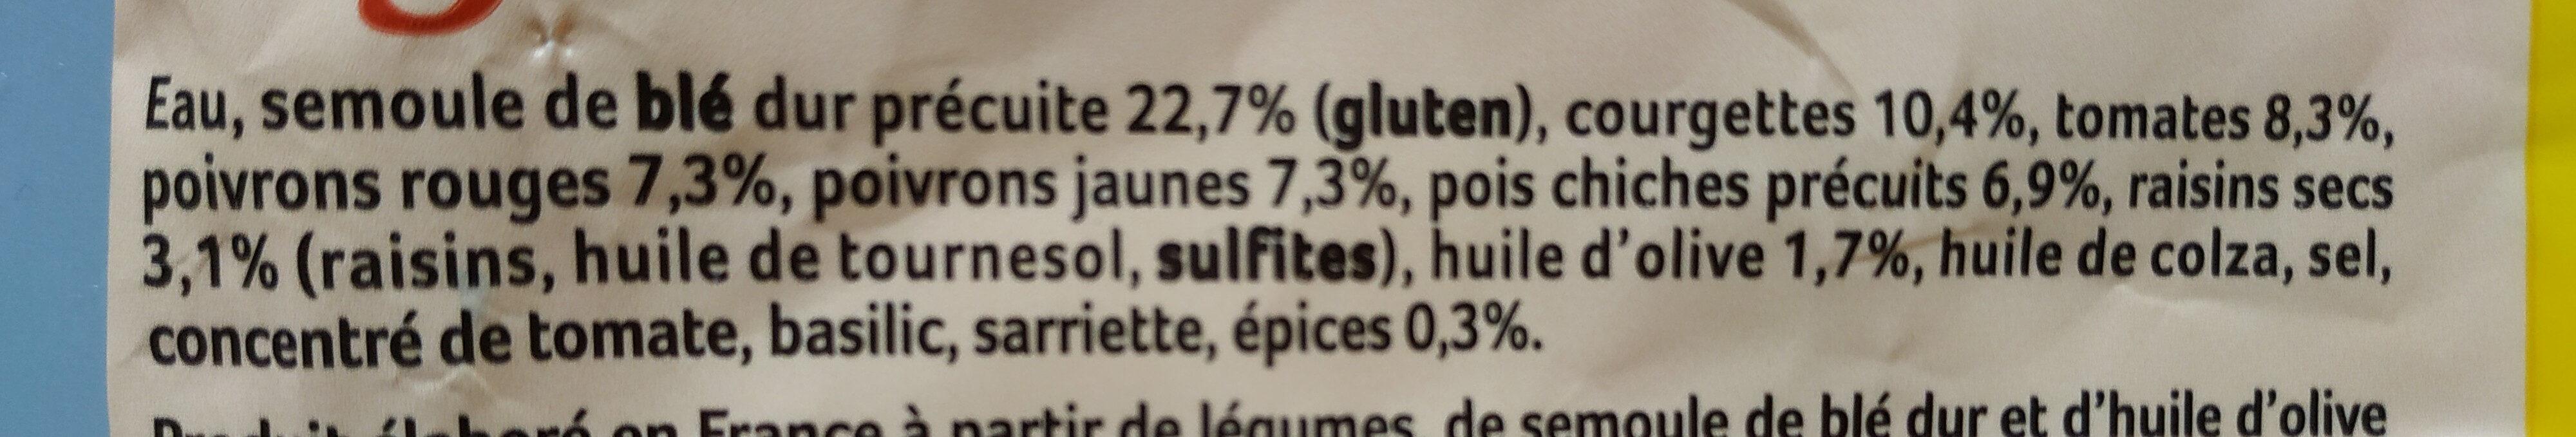 Couscous cuisines aux légumes du soleil - Ingredienti - fr